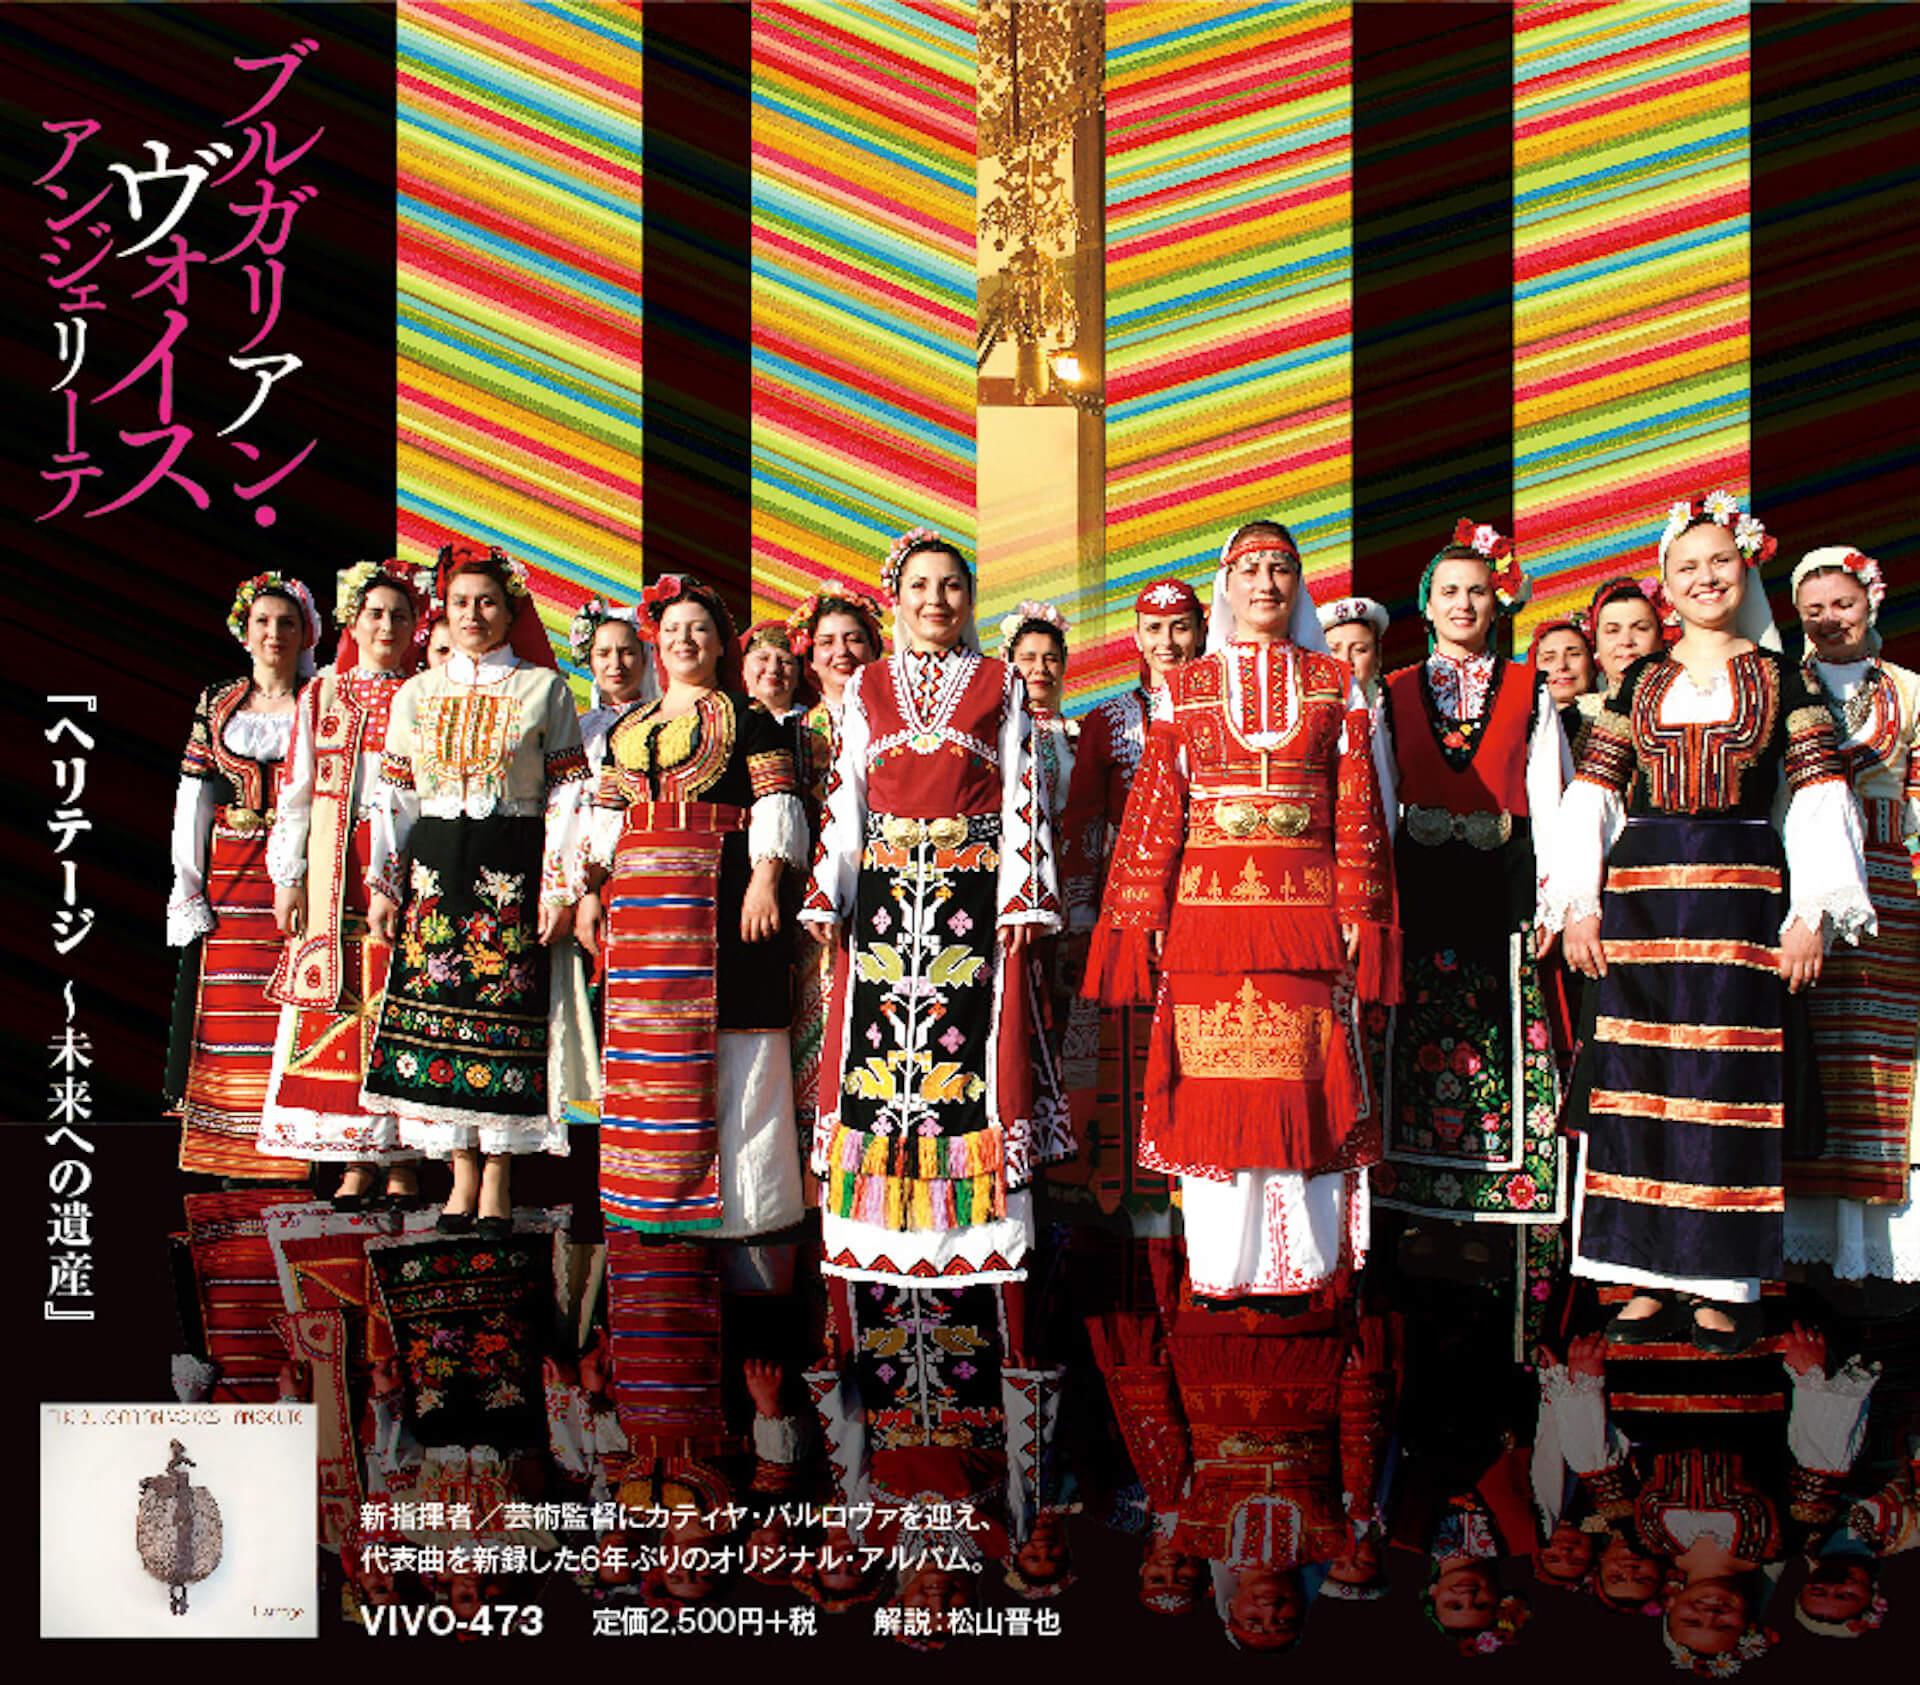 ブルガリアン・ヴォイスが織り成すハーモニーの歴史|生の声の中に錯覚的にデジタルな質感が聴こえる響きの奇妙さ music190829_Bulgarian-Voices_jacket